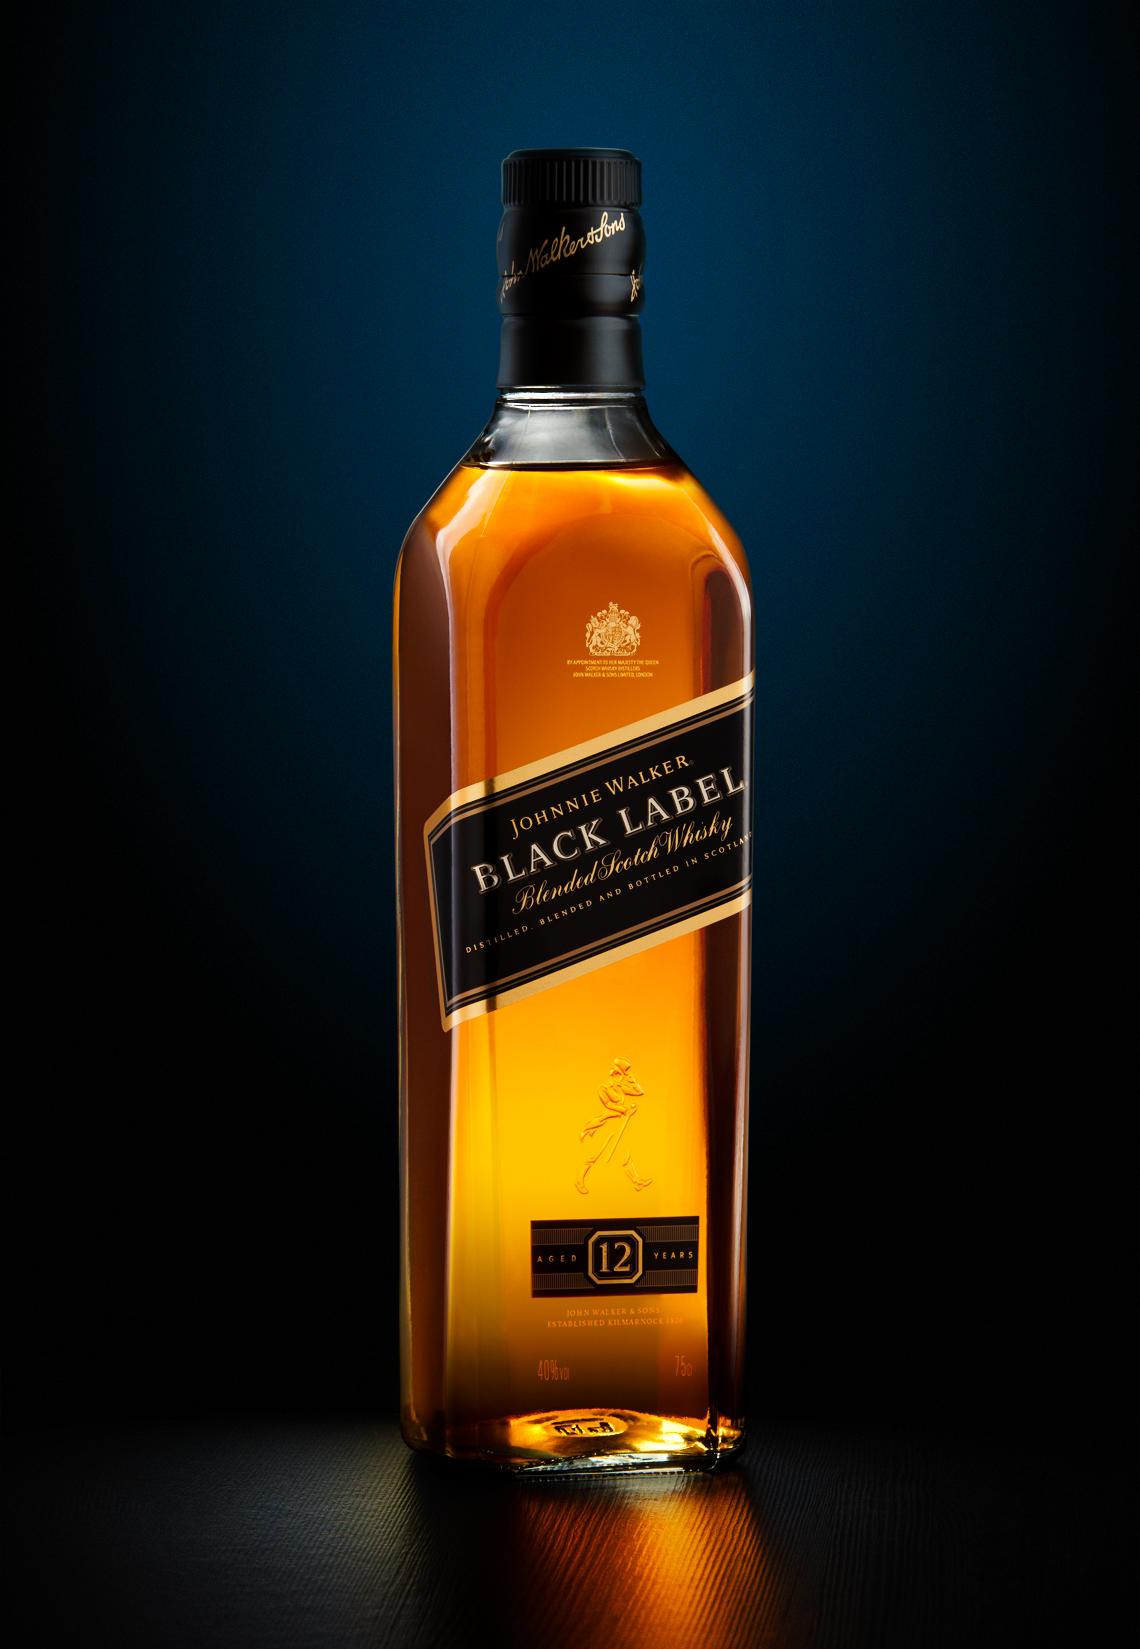 Fotografía publicitaria de producto Keepinmind Black label